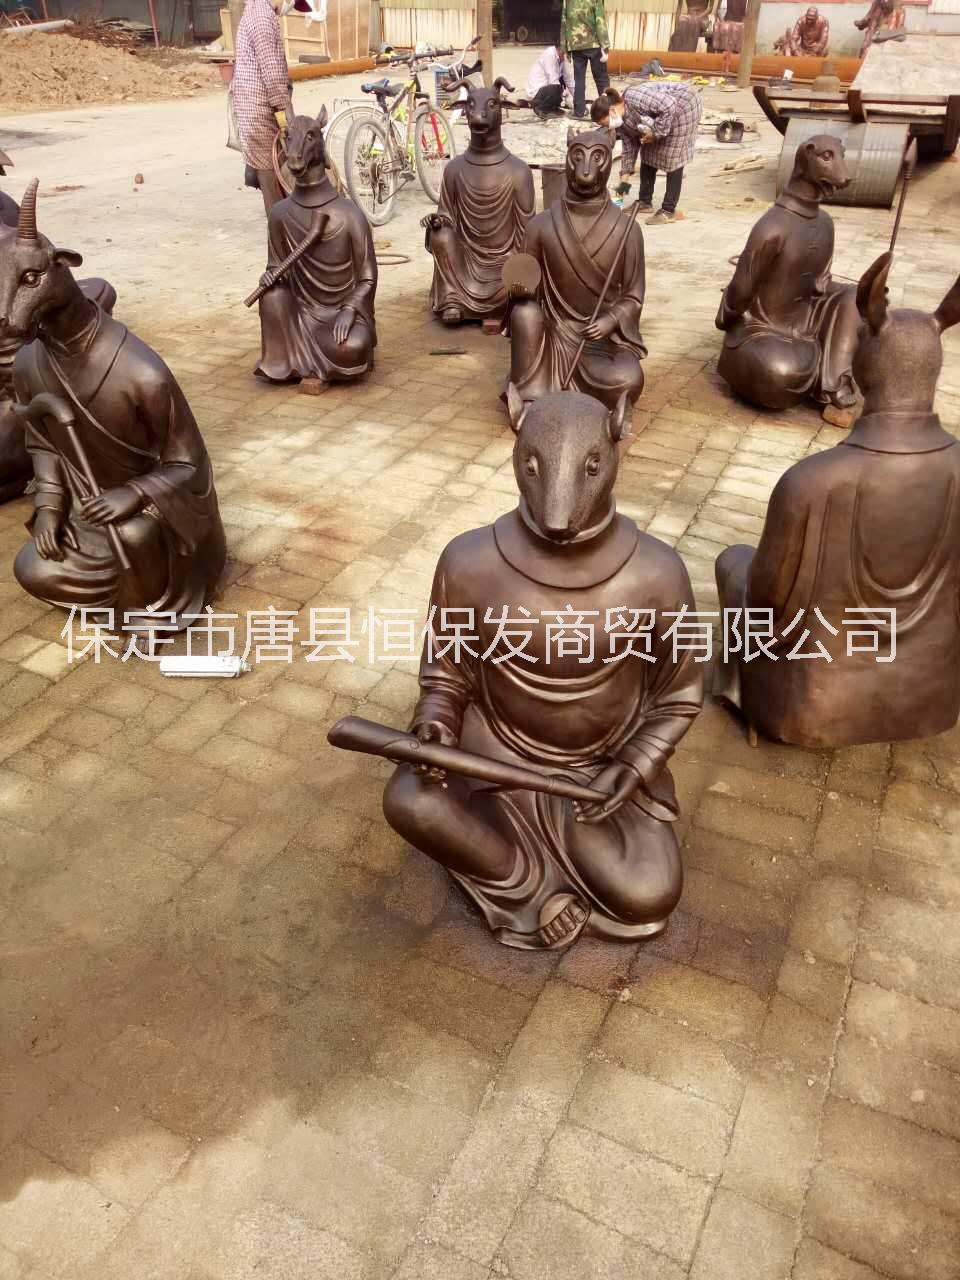 十二生肖 铜雕十二生肖  铸铜动物雕塑 纯铜工艺品 纯铜景观雕塑 园林铜雕 公园喷泉雕塑